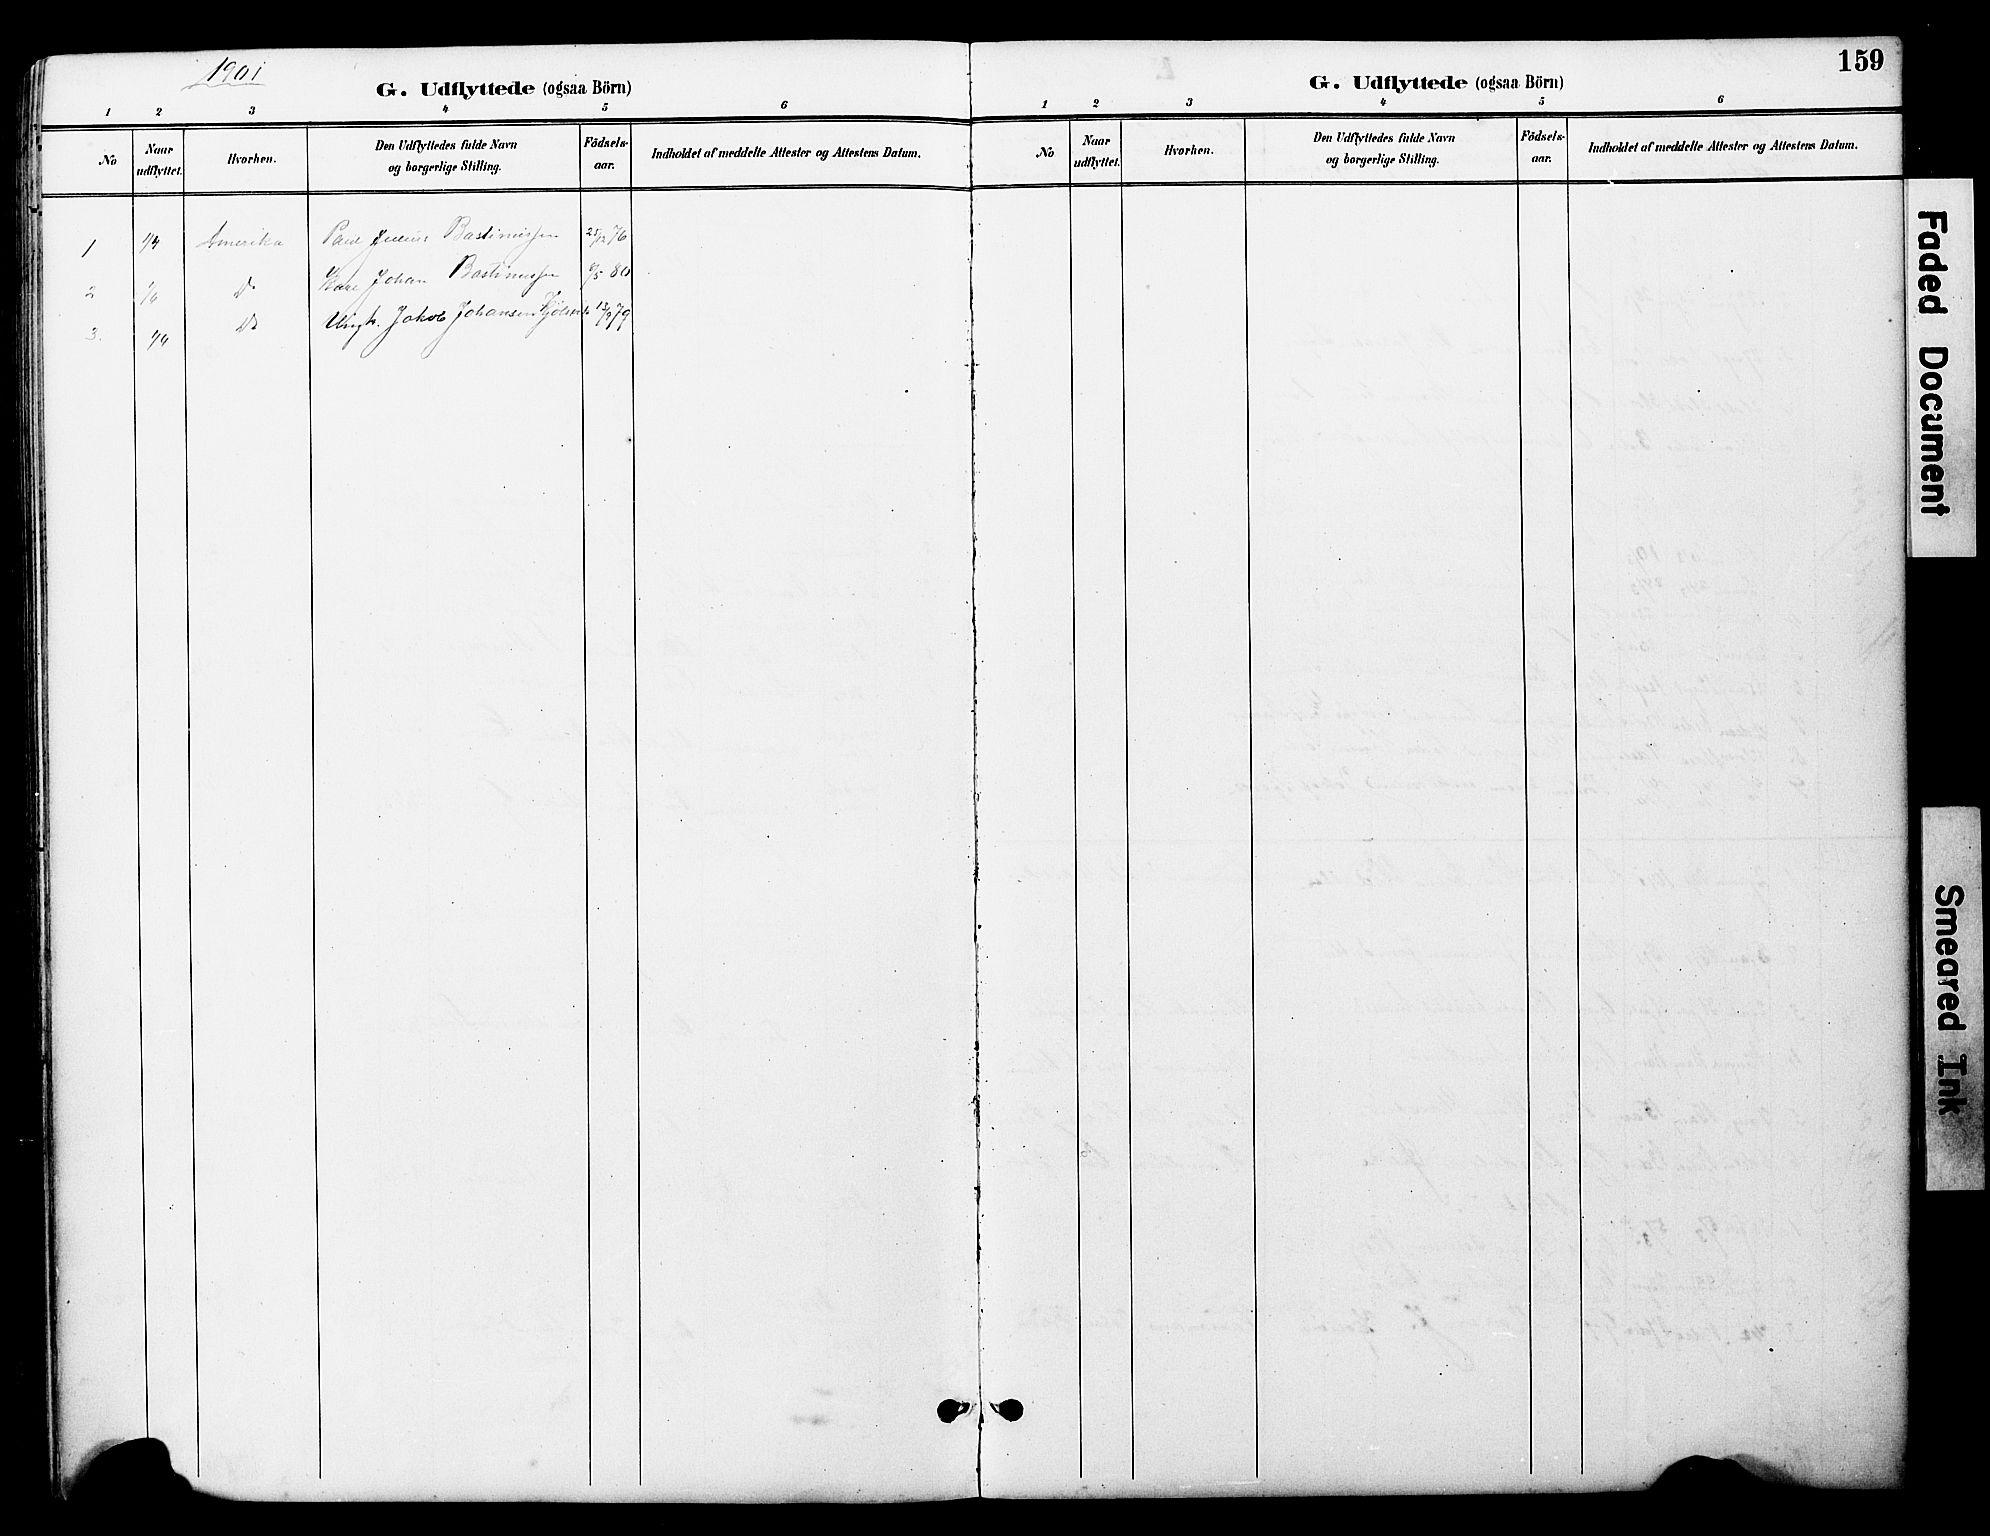 SAT, Ministerialprotokoller, klokkerbøker og fødselsregistre - Nord-Trøndelag, 722/L0226: Klokkerbok nr. 722C02, 1889-1927, s. 159